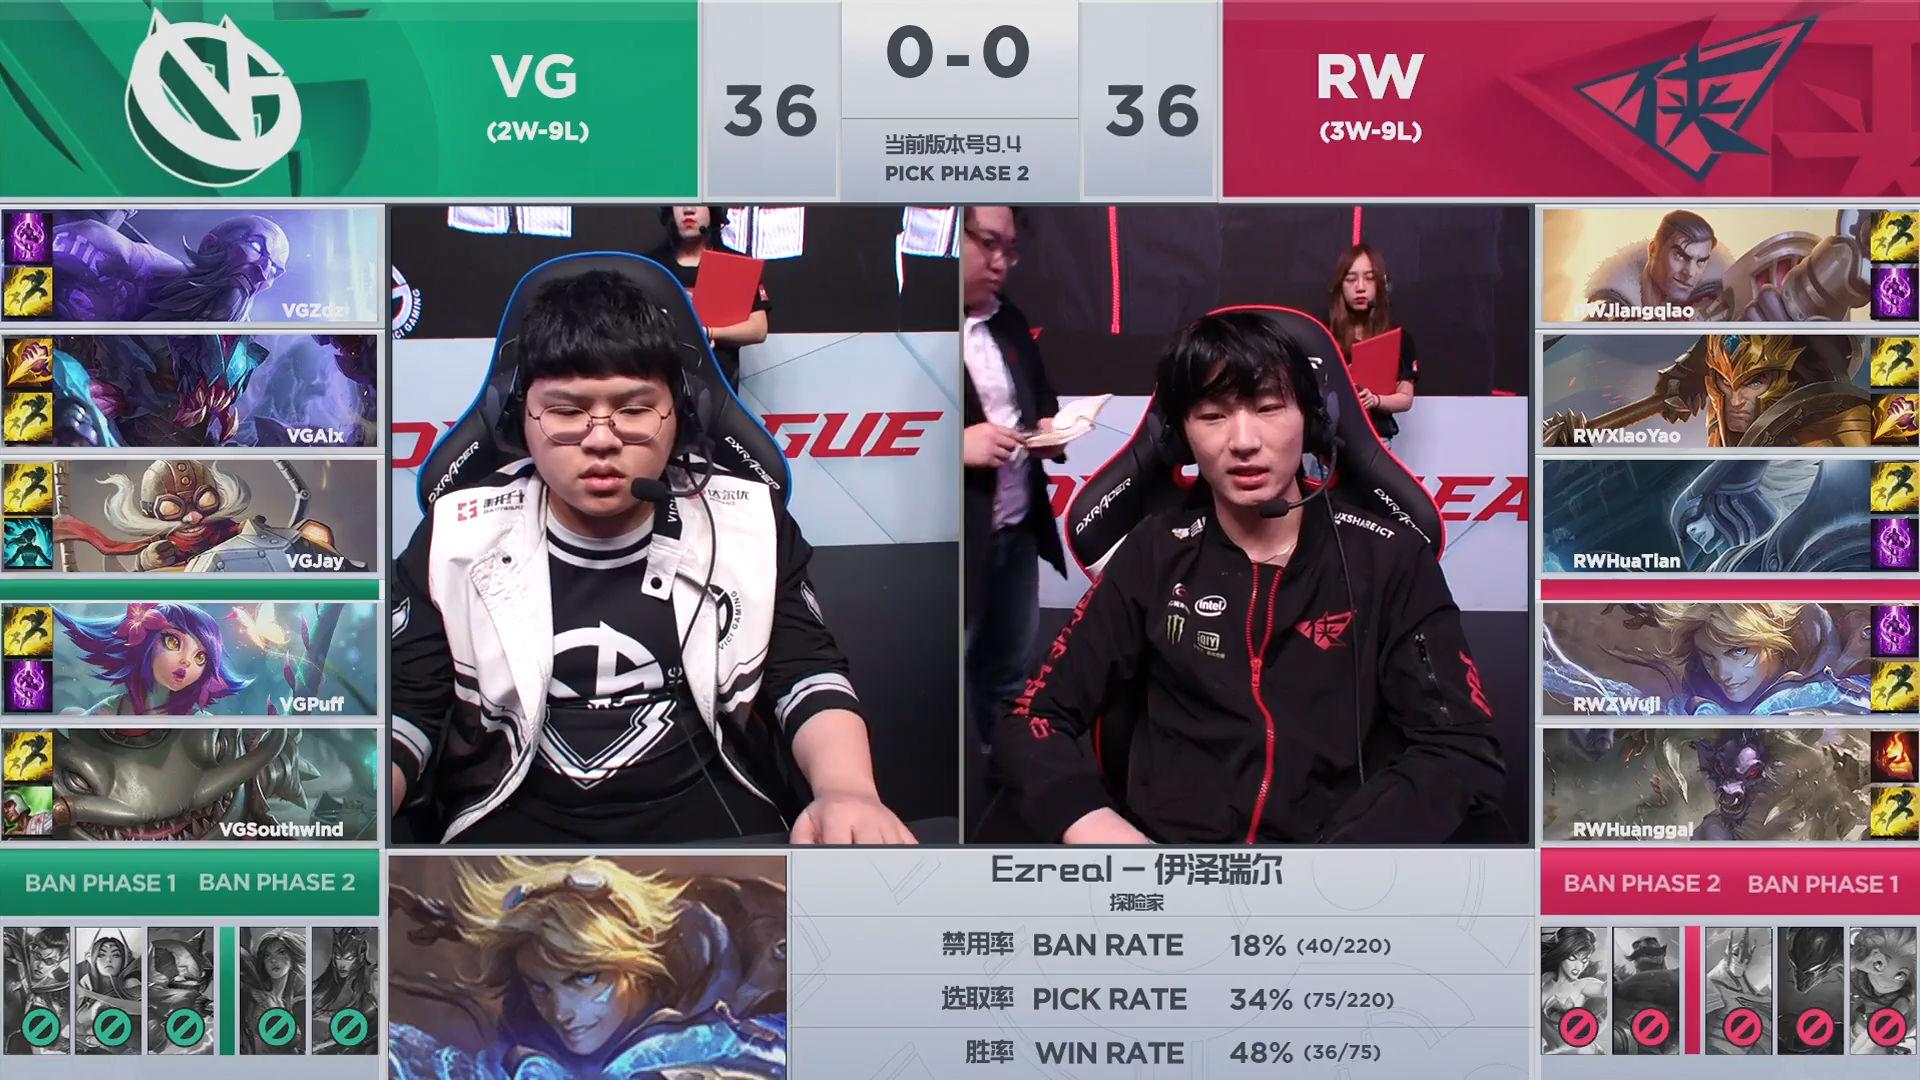 【战报】中路团战终起势,RW开启团战击败VG拿下首局